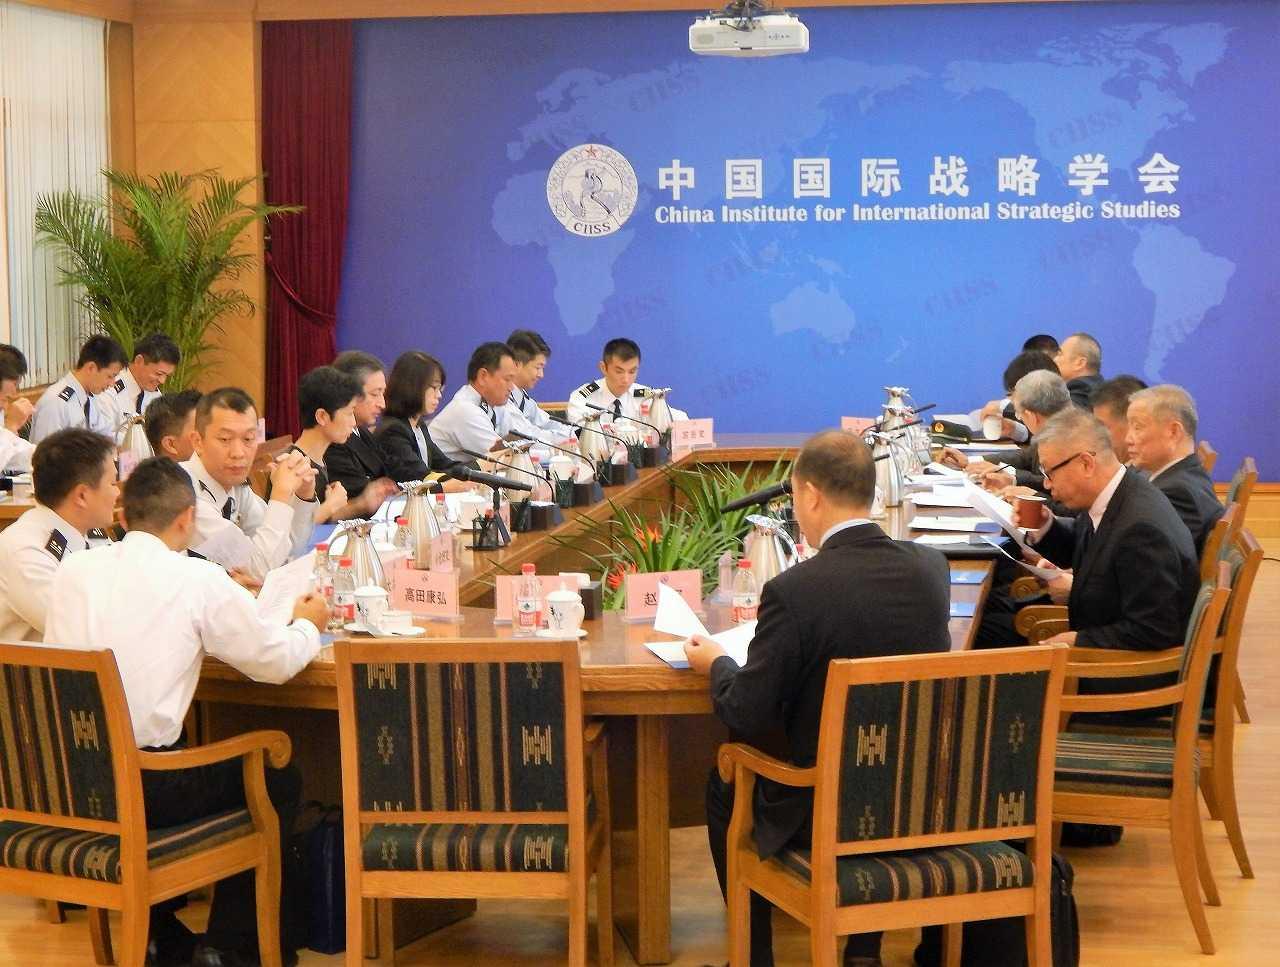 (画像)代表団は中国国際戦略学会の有識者らと率直に意見を交わした